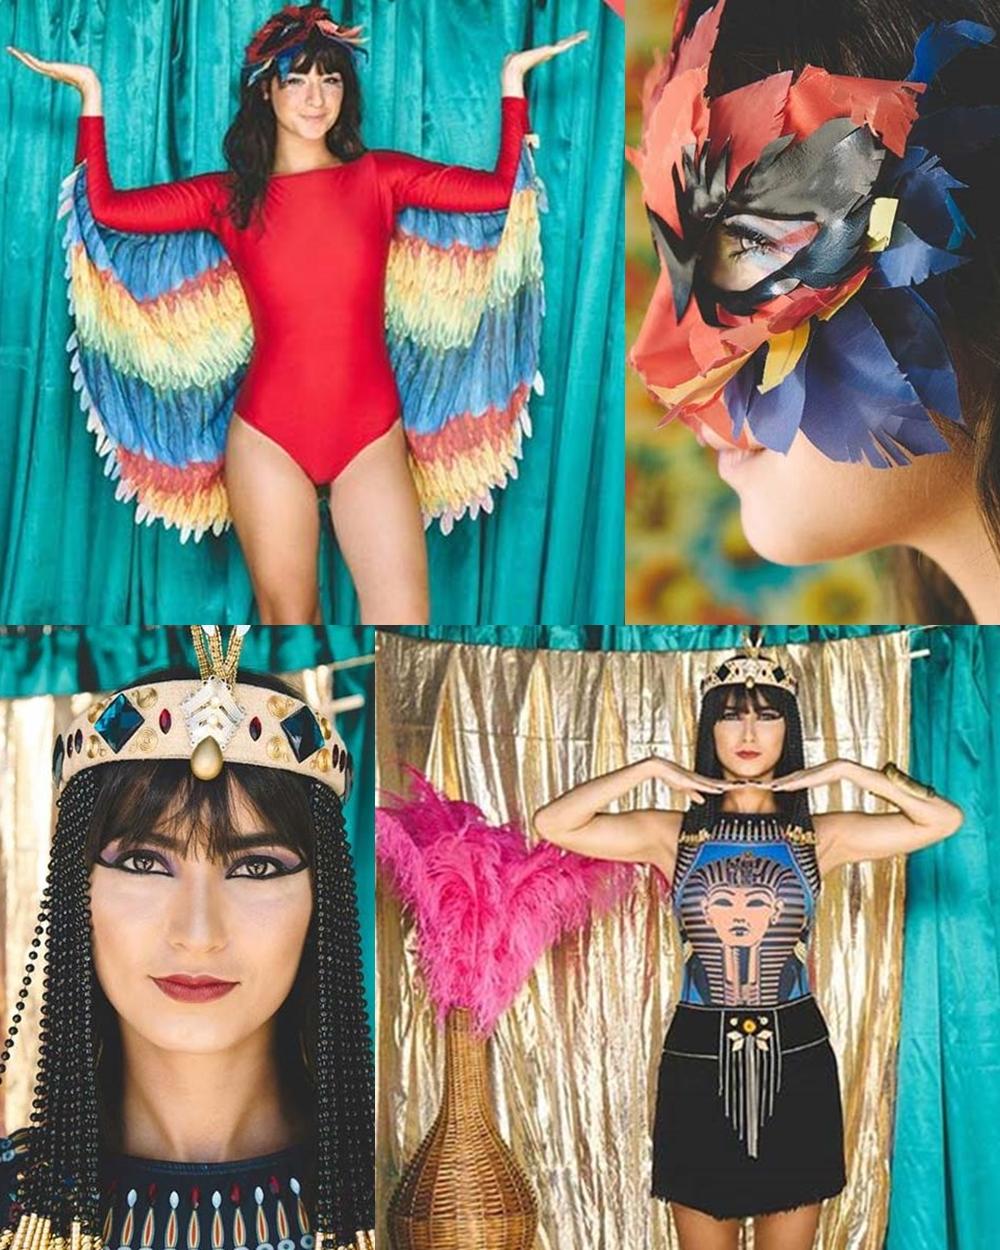 fantasias-carnaval-vanduarte-coleção-farm-rio-2015-1